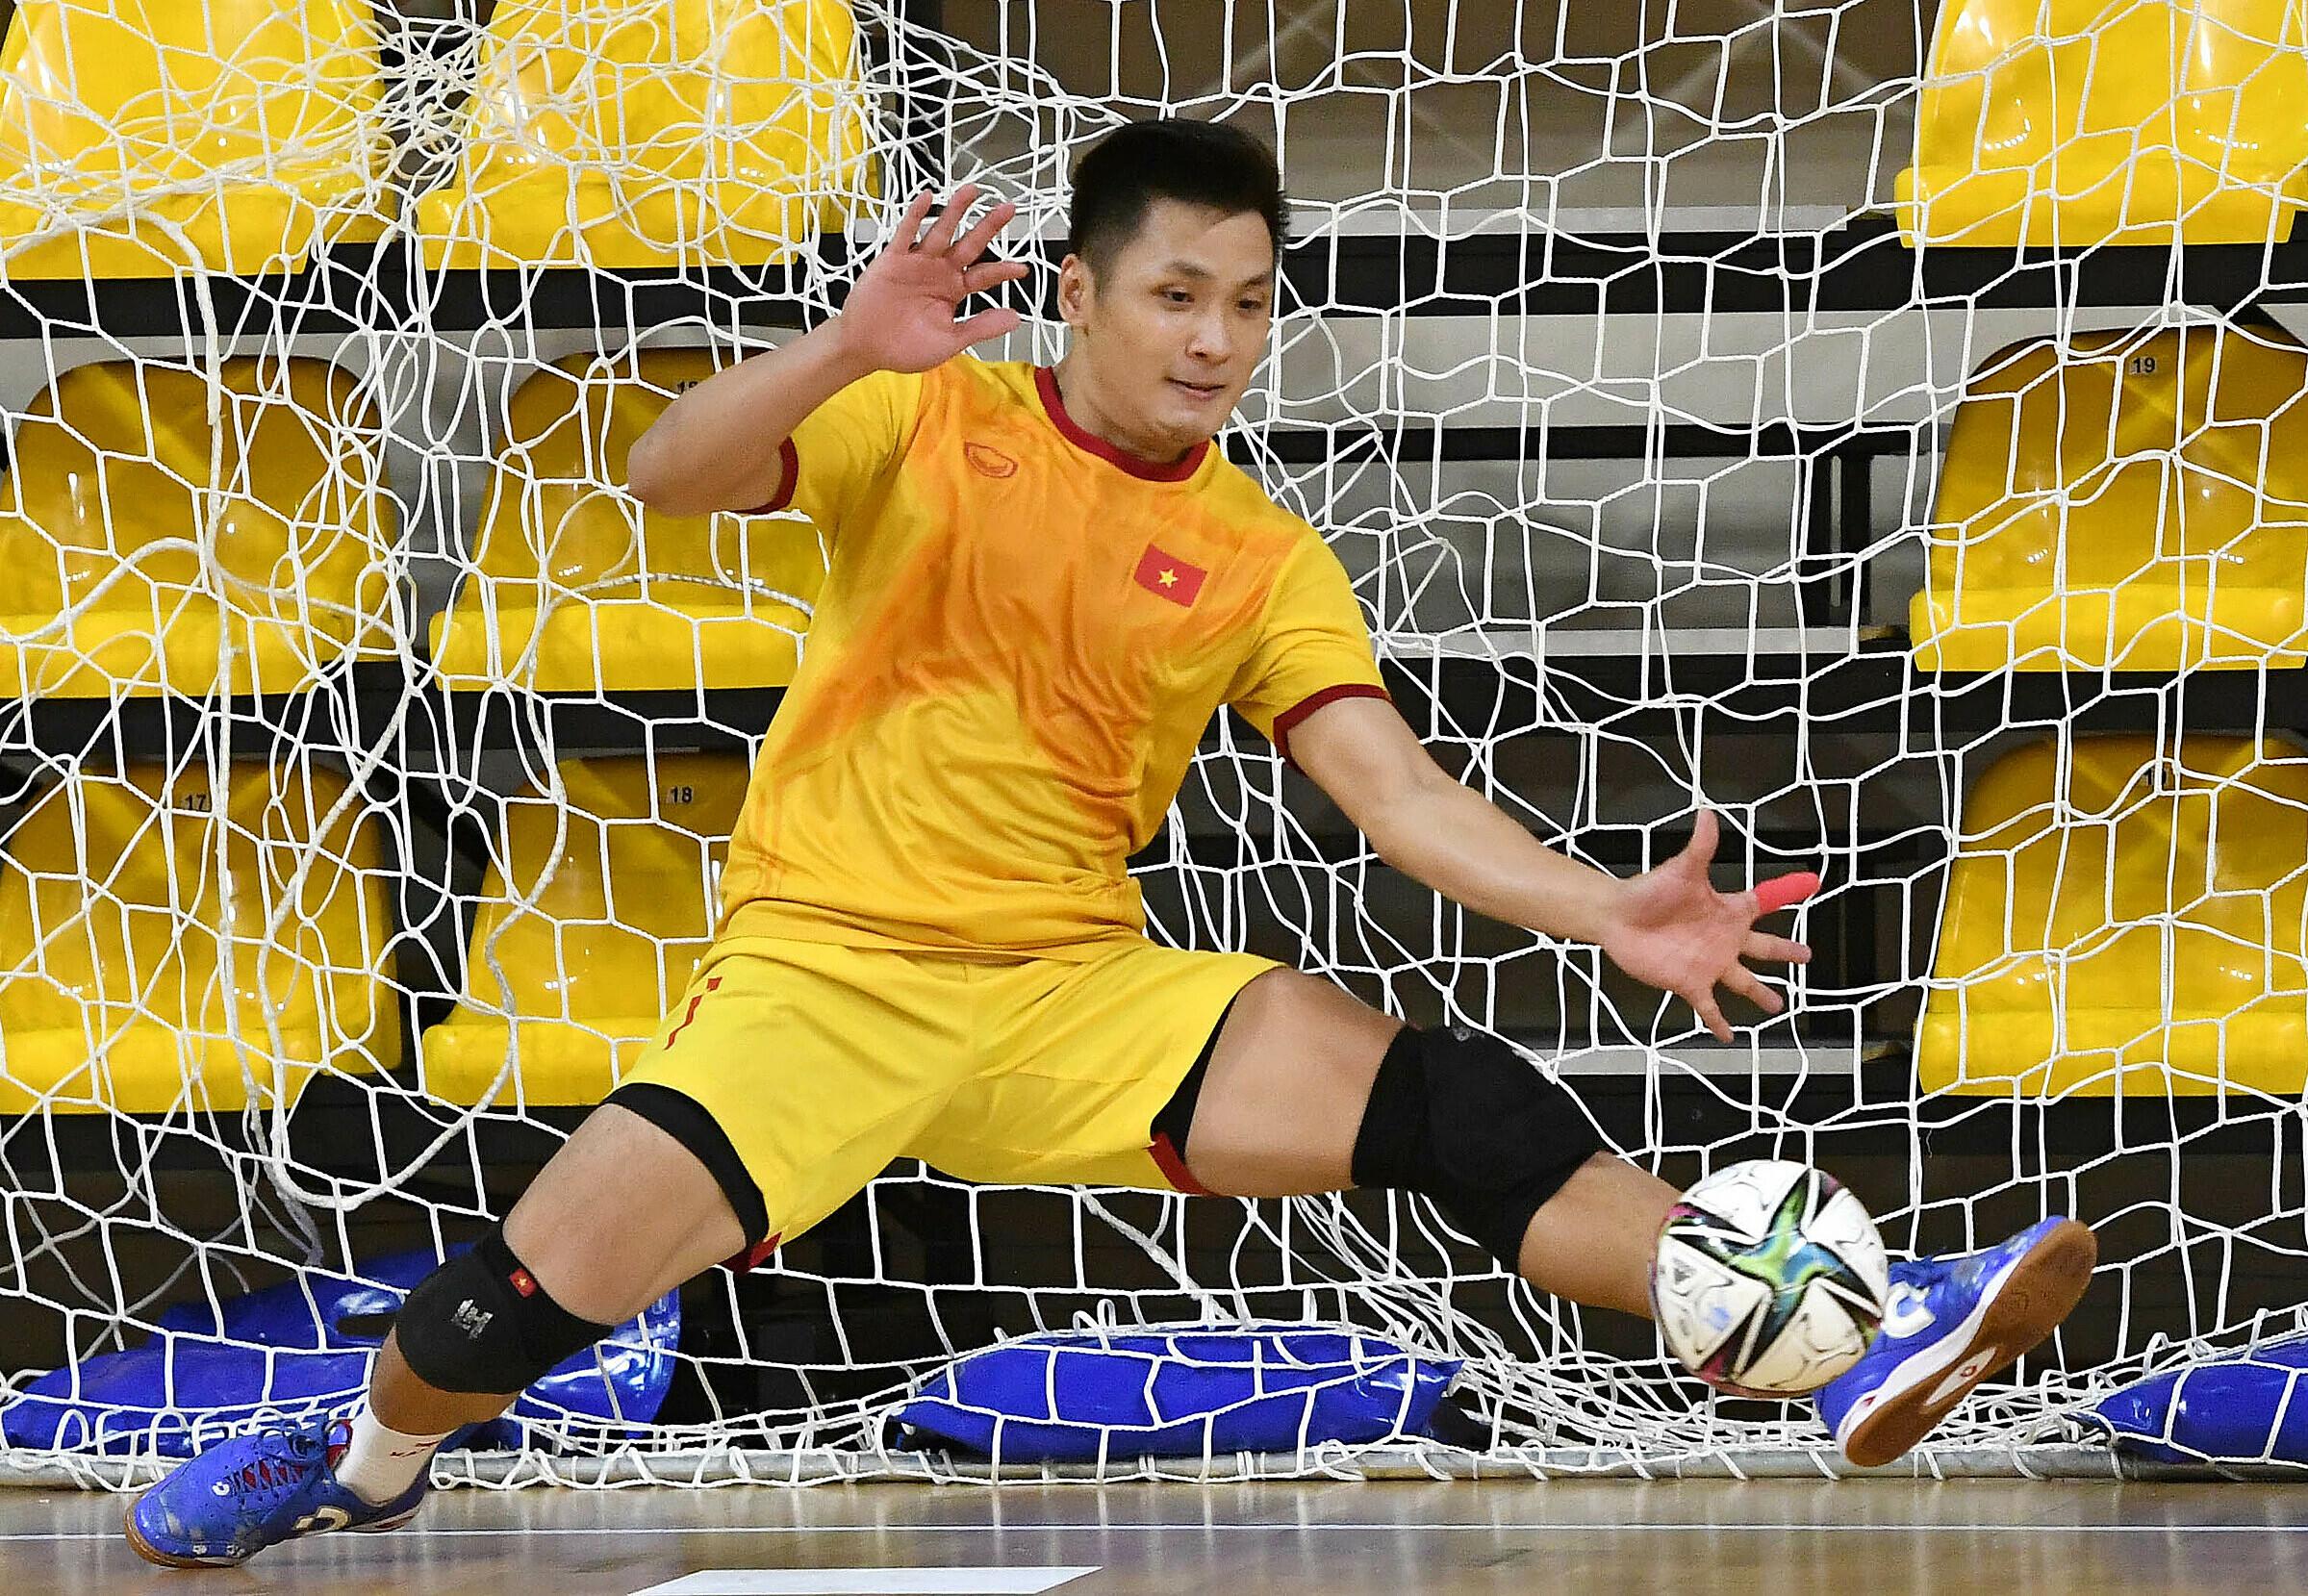 Thủ môn Hồ Văn Ý được kỳ vọng sẽ toả sáng để hạn chế các bàn thua cho Việt Nam. Ảnh: VFF